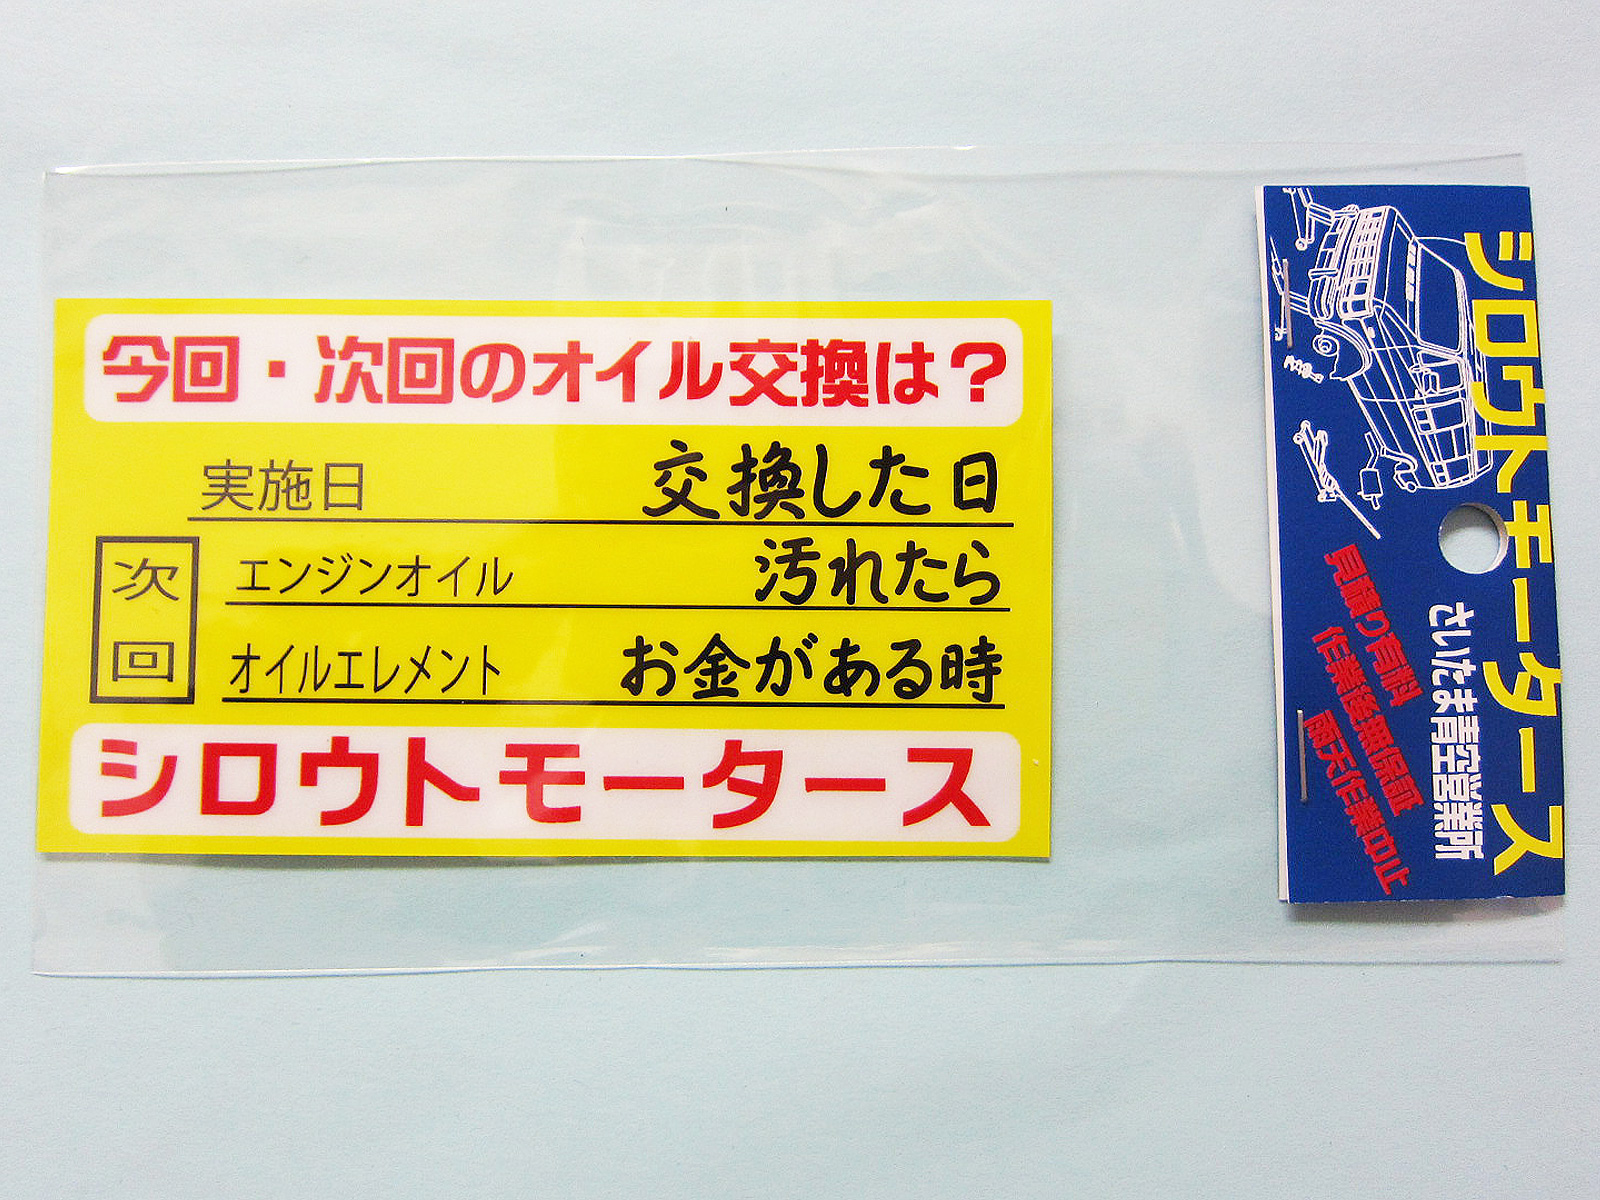 シロウトモータース★オイル交換ステッカー